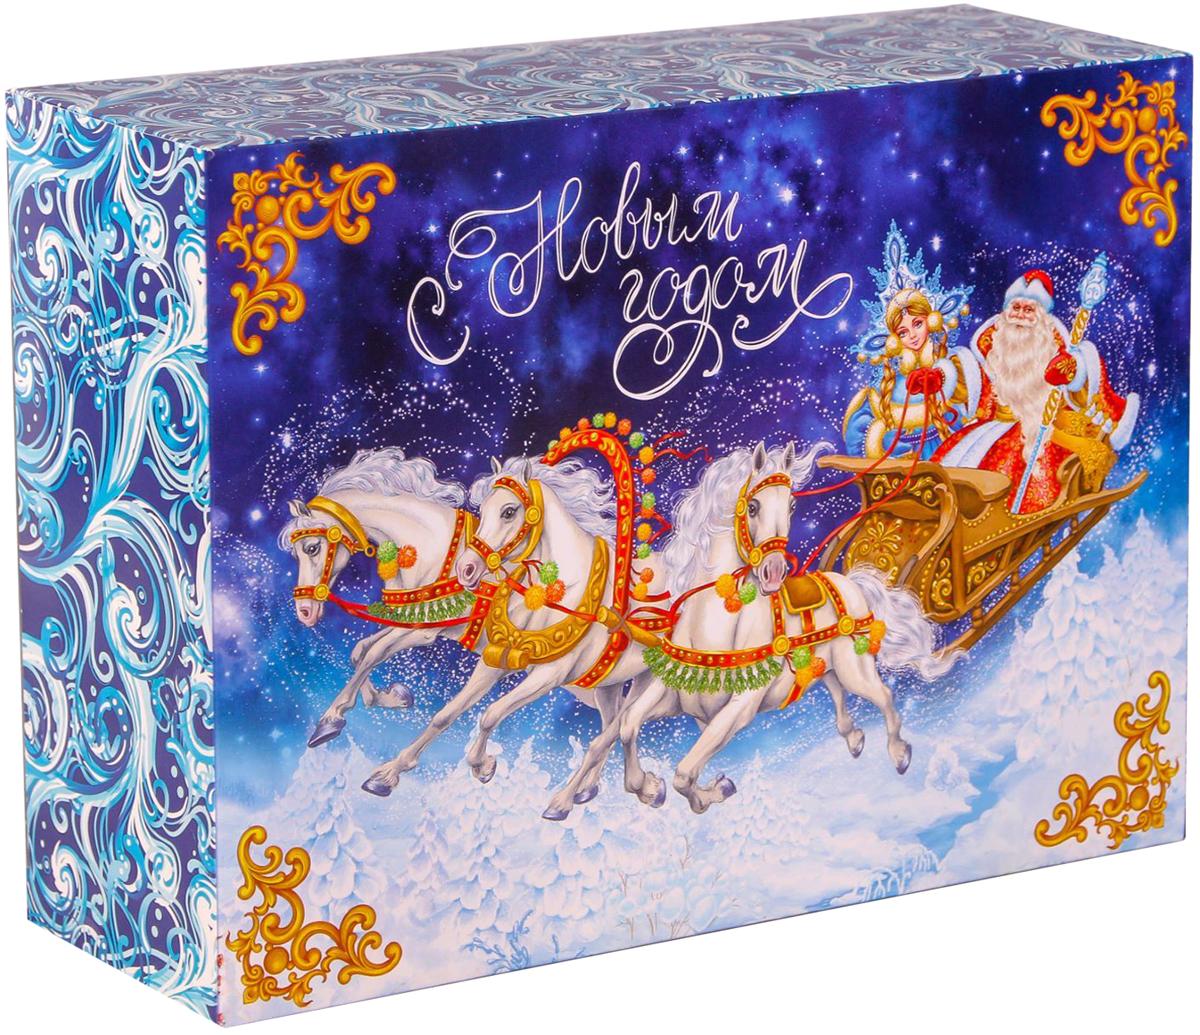 Коробка складная Дарите счастье Тройка лошадей, 22 х 30 х 10 см2450836Любой подарок начинается с упаковки. Что может быть трогательнее и волшебнее, чем ритуал разворачивания полученного презента. И именно оригинальная, со вкусом выбранная упаковка выделит ваш подарок из массы других. Она продемонстрирует самые теплые чувства к виновнику торжества и создаст сказочную атмосферу праздника.